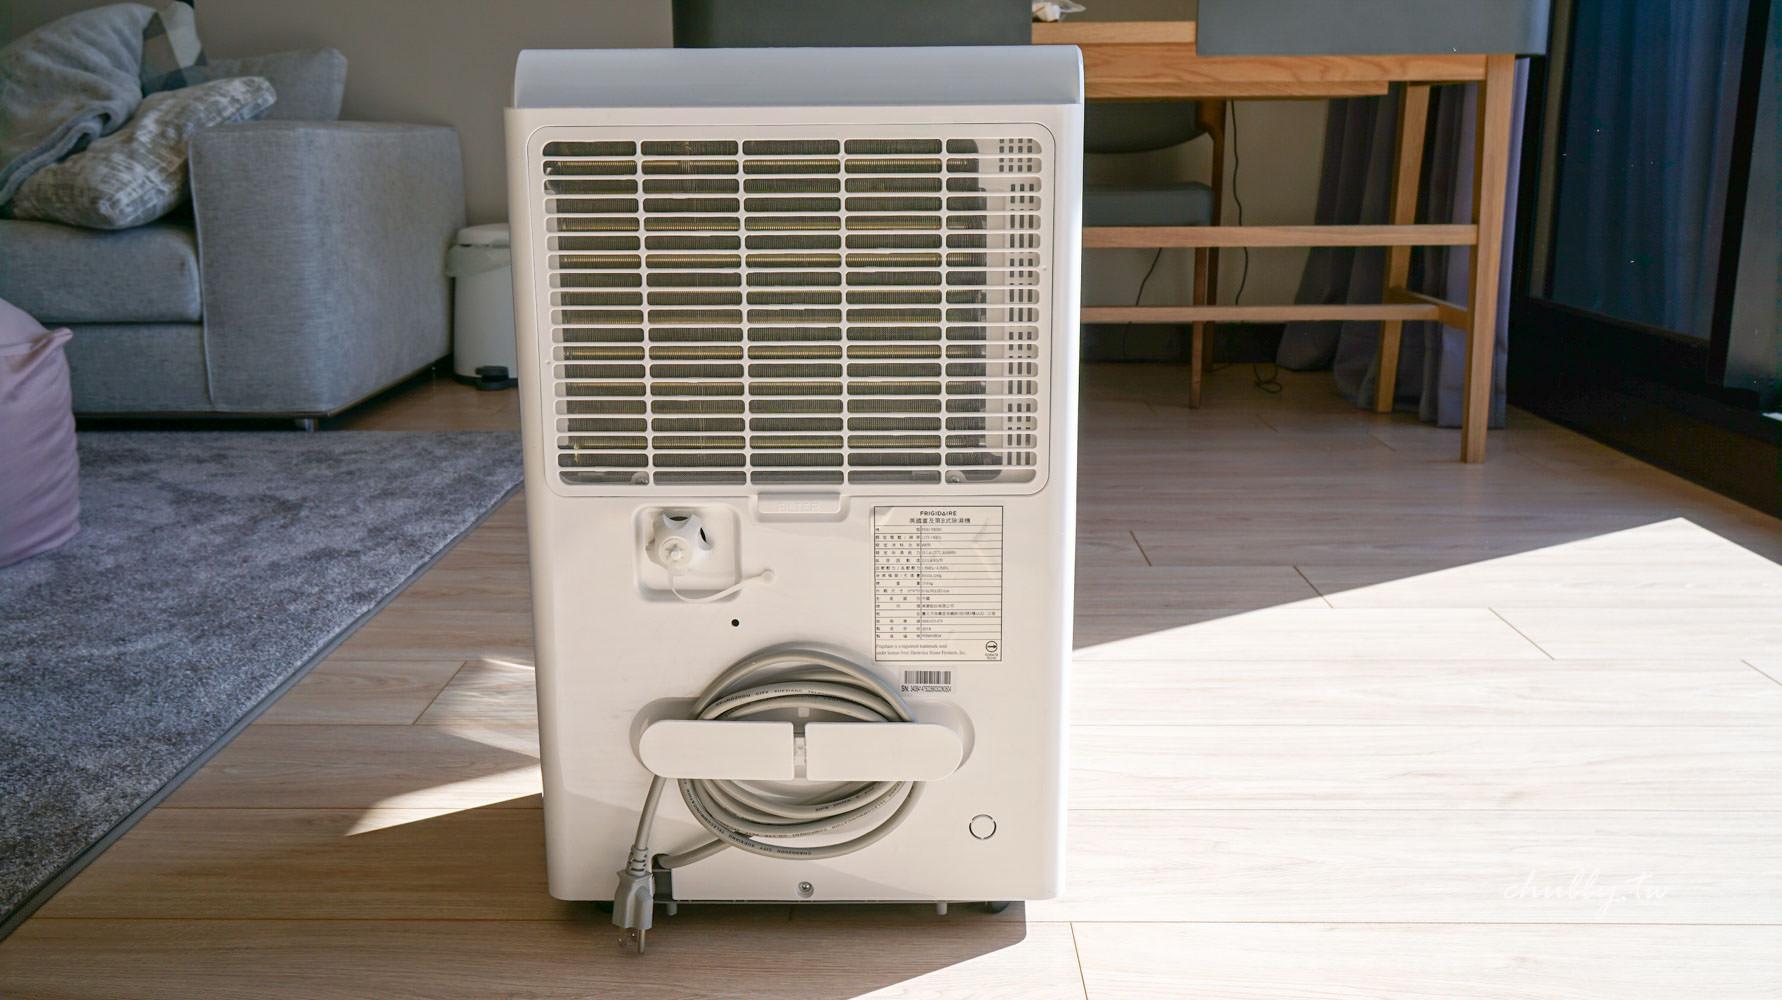 新家開箱│大空間的除濕機選擇:Frigidaire極速乾燥美式除濕機 FDH-7002M